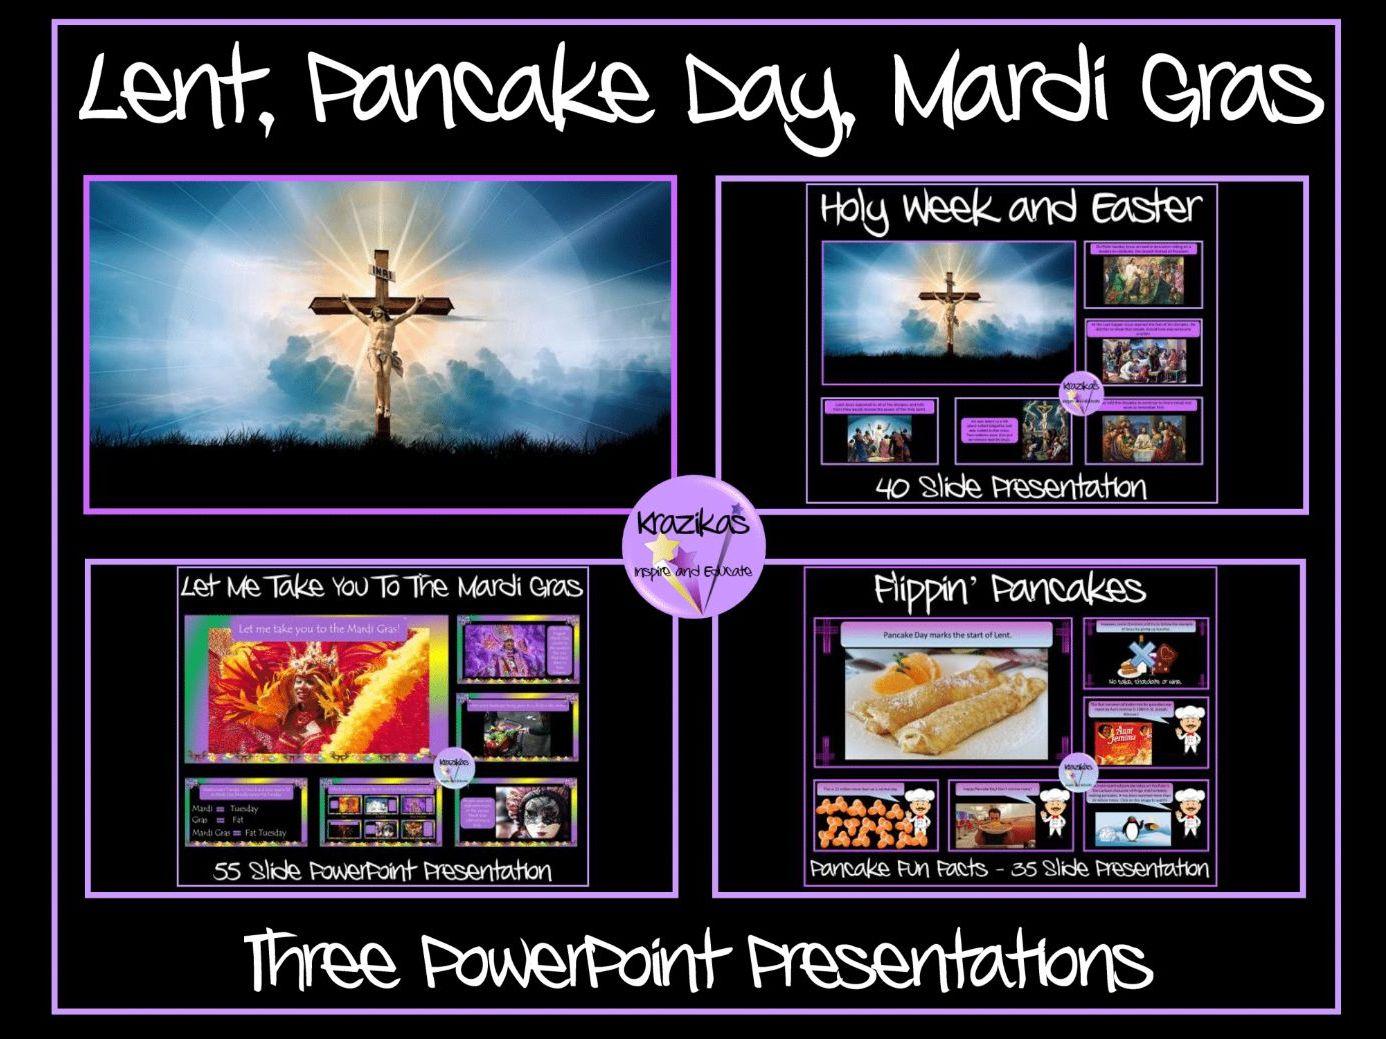 Lent Pancake Day Mardi Gras